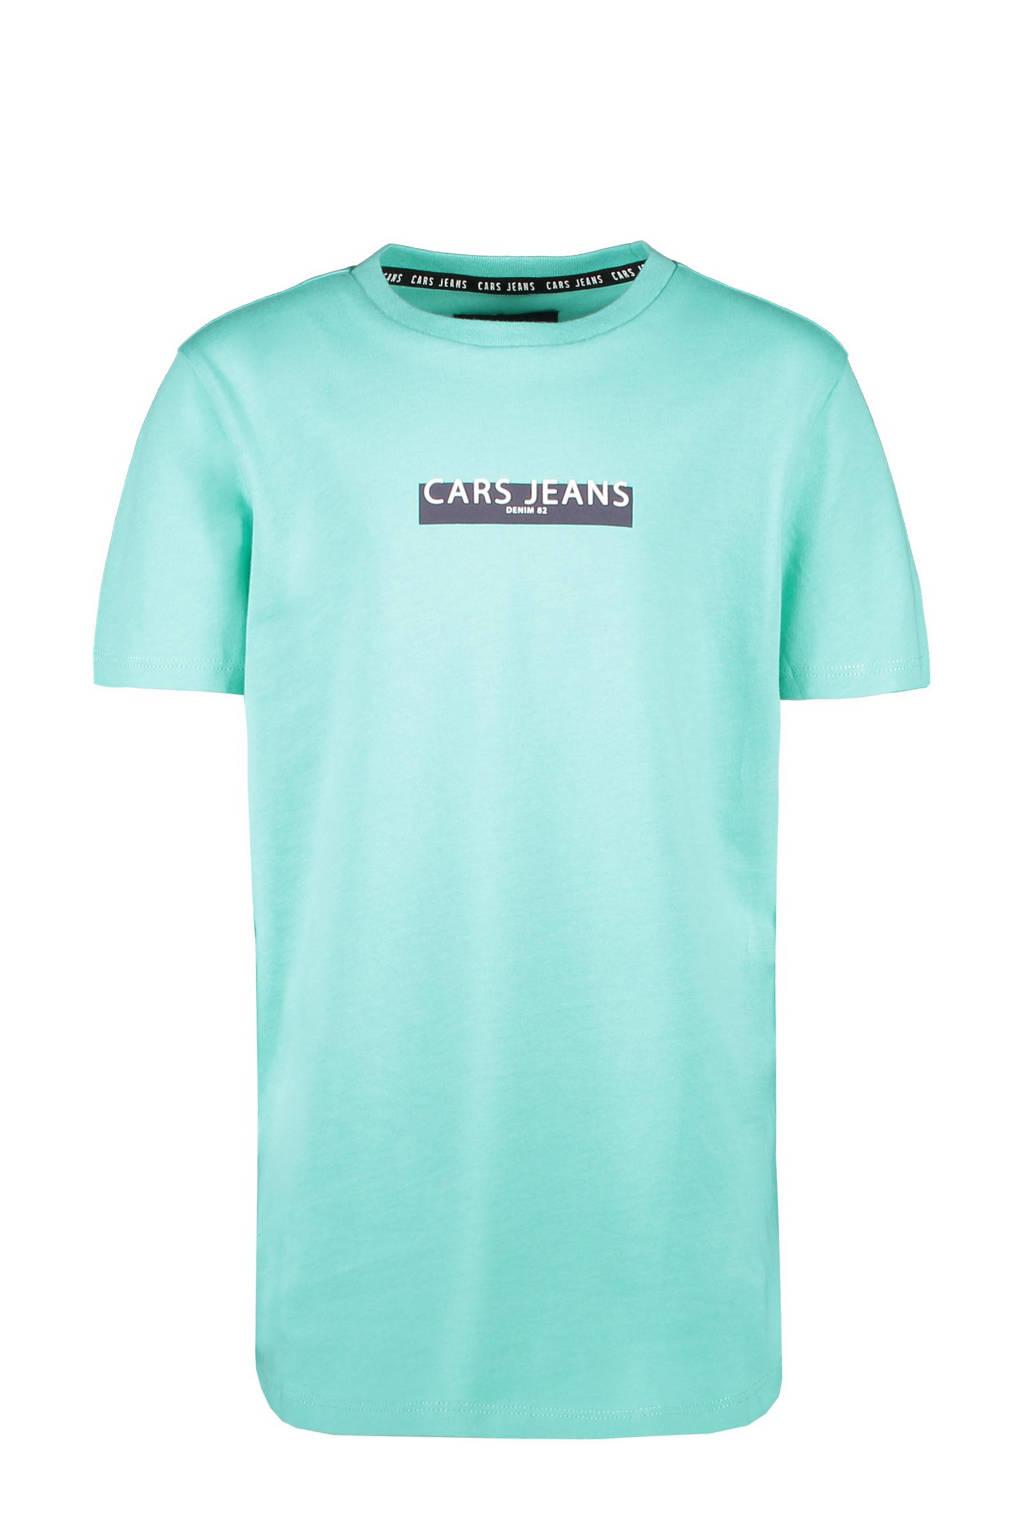 Cars T-shirt Combroy met tekst mintgroen, Mintgroen